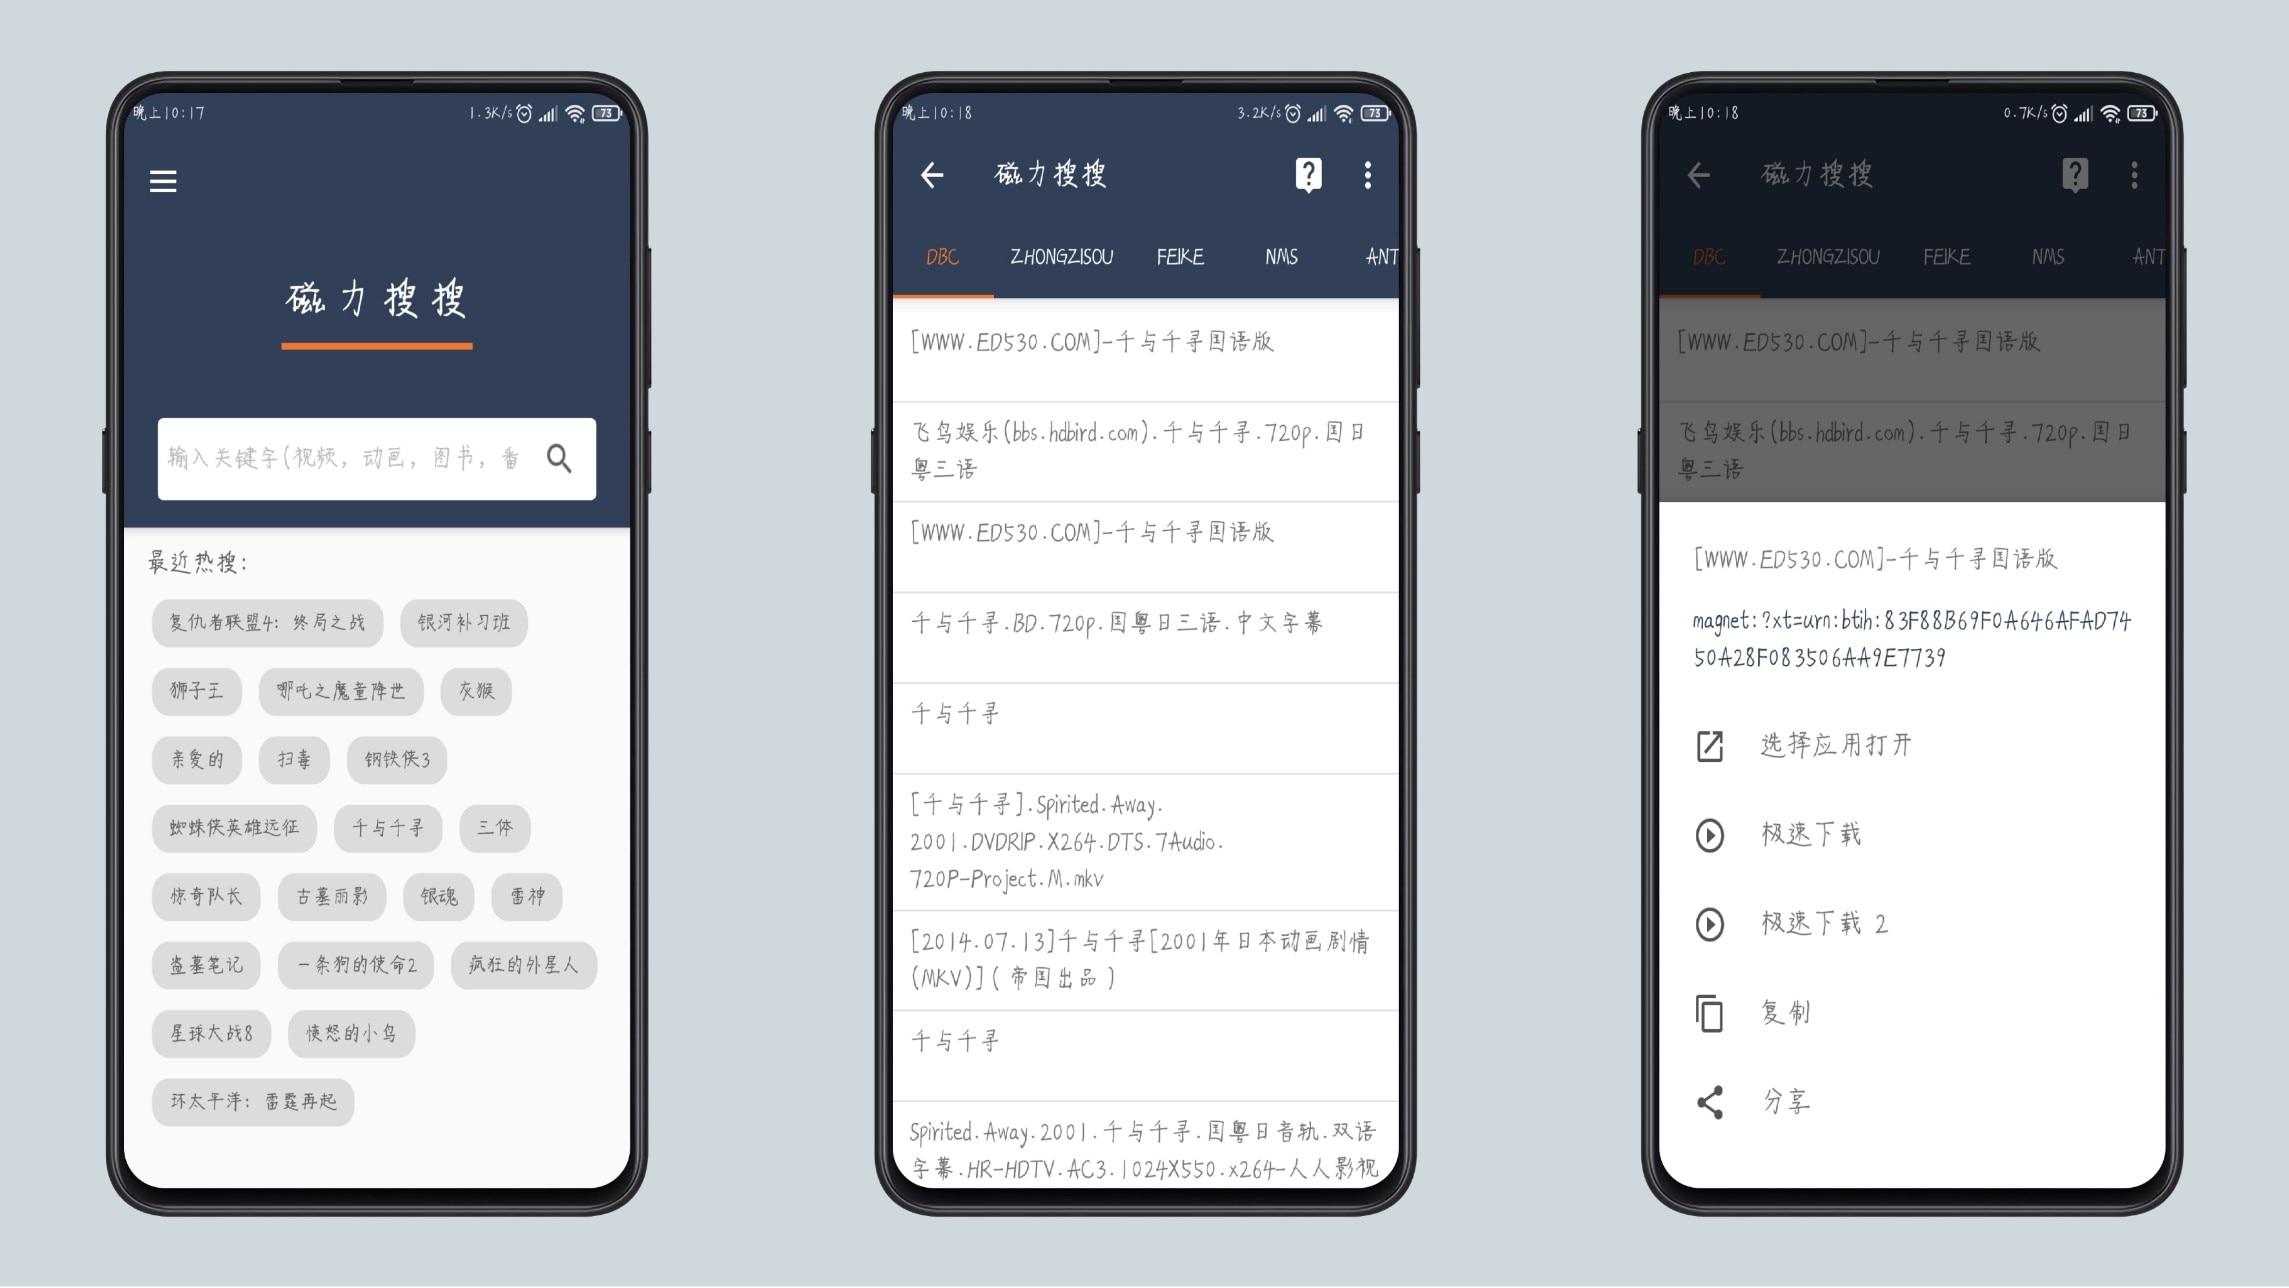 磁力搜搜v1.0.1直装/破解/去广告/完美版 最清爽简洁